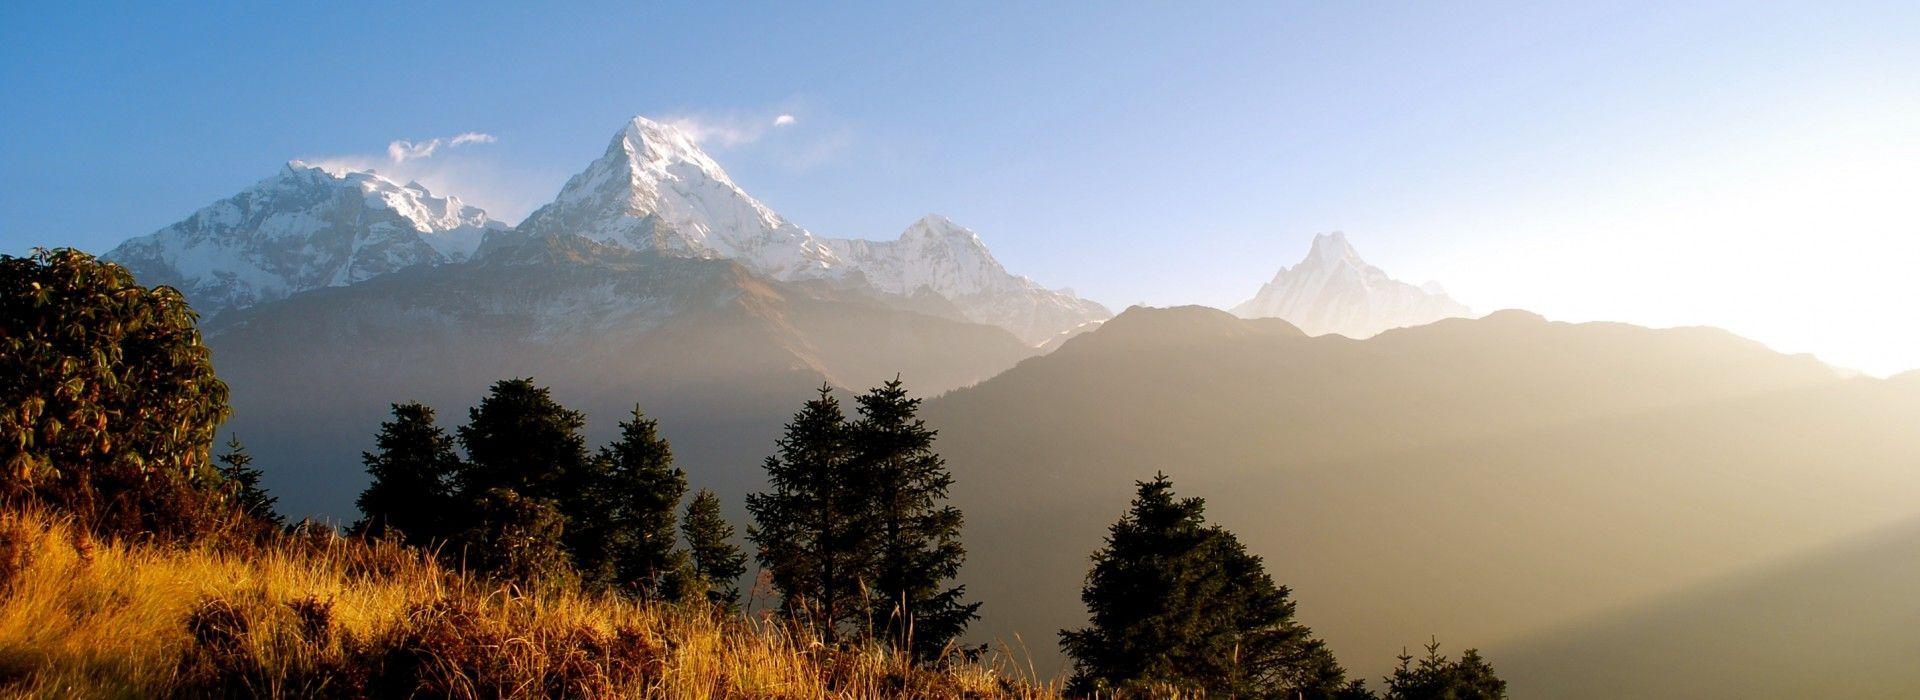 Adventure and sport Tours in Annapurna Circuit trek